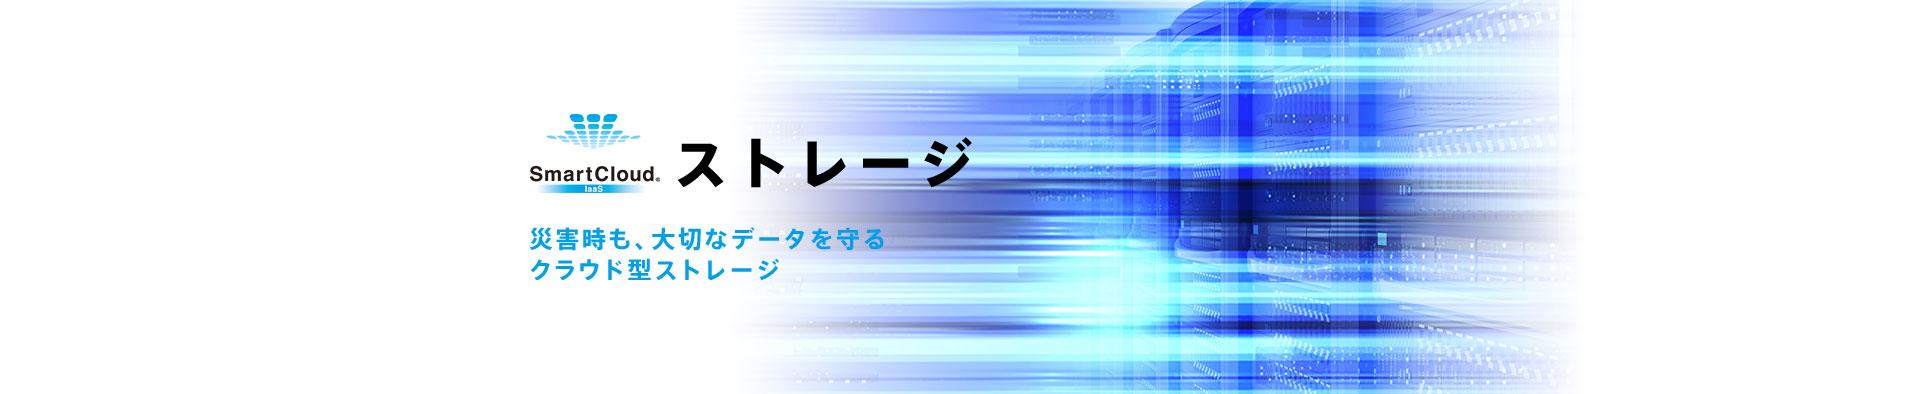 SmartCloud  ストレージ イメージ